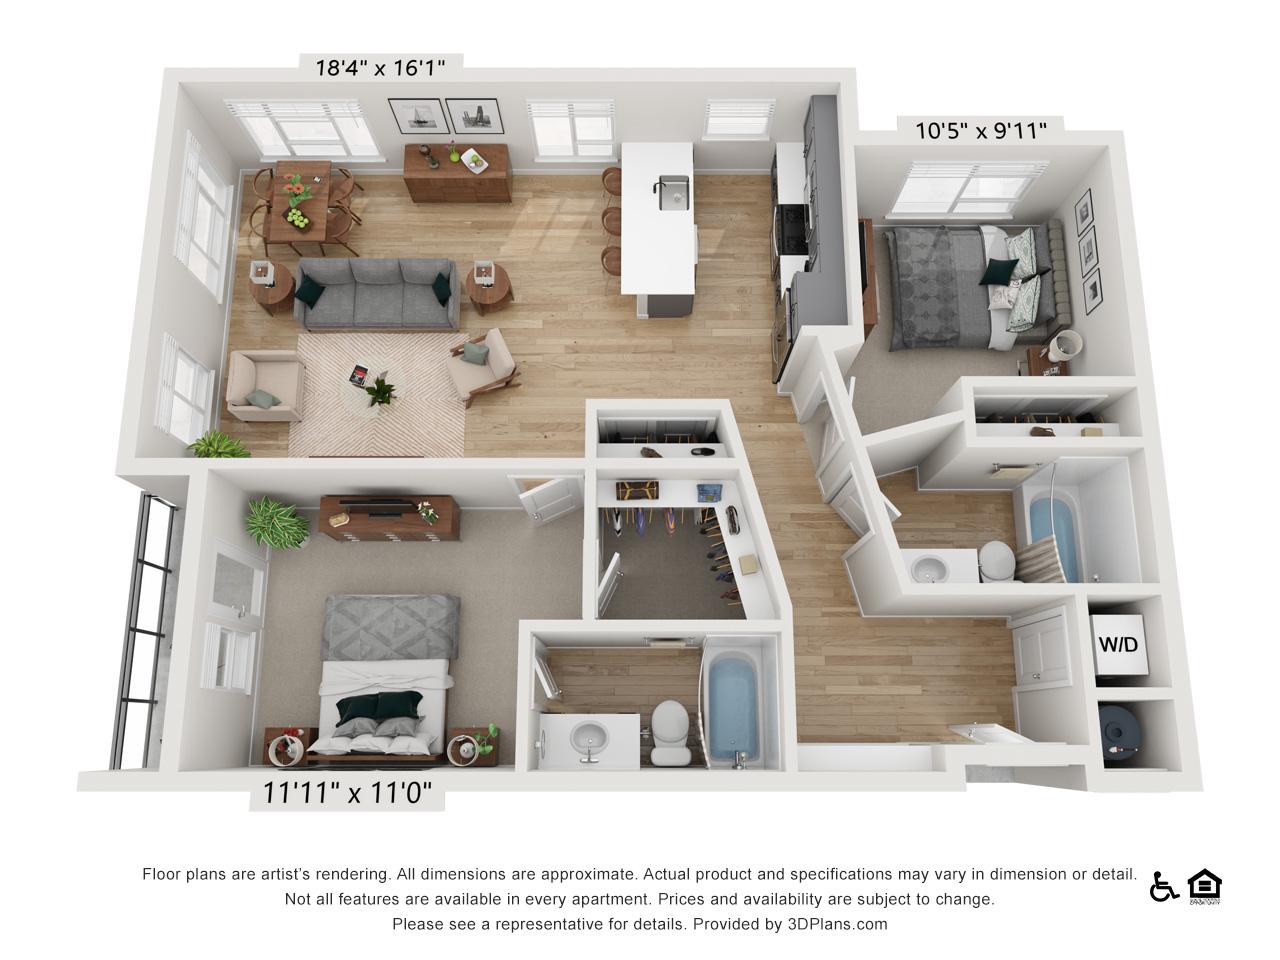 Two Bedroom F | 2 Bedrooms | 2 Bathrooms | 1,129 sq ft